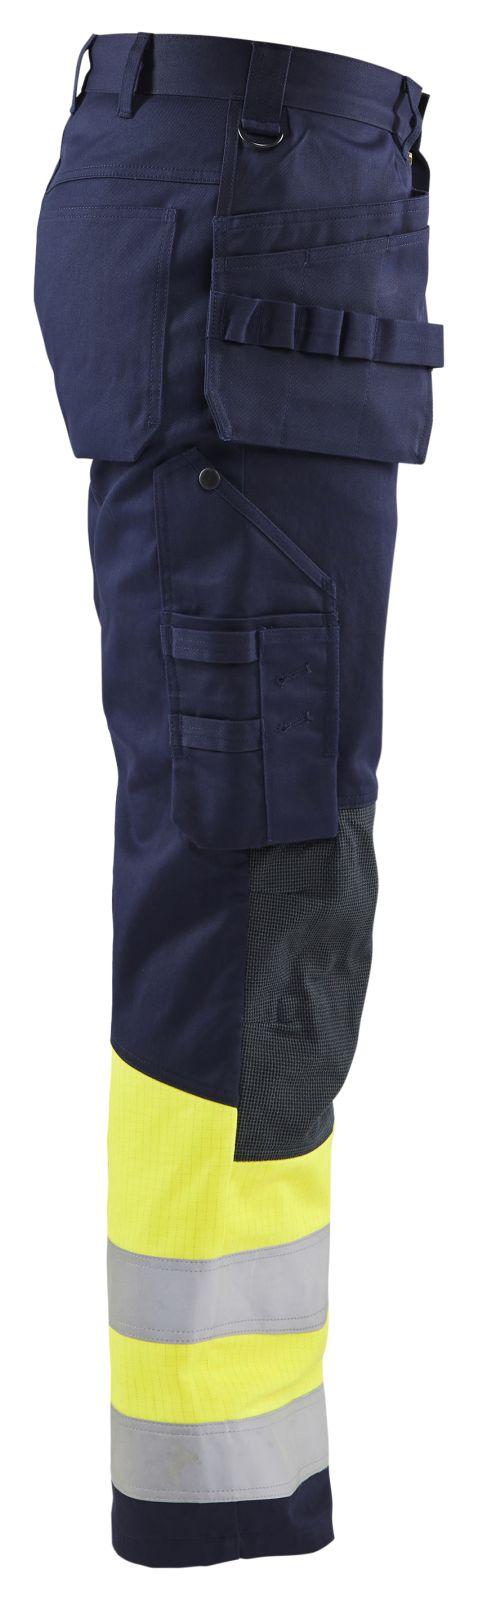 Blaklader Werkbroeken 14791514 Multinorm marineblauw-geel(8933)